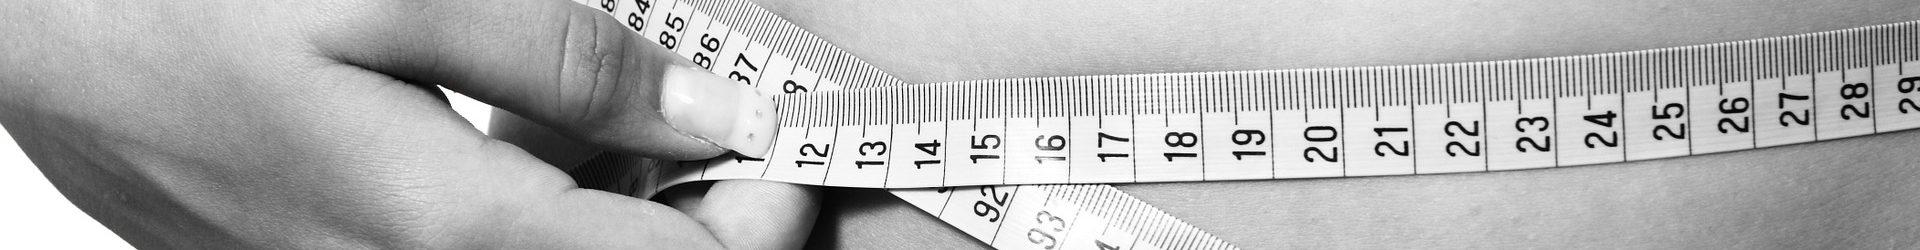 טיפים לירידה במשקל ושמירה עליו לאורך זמן